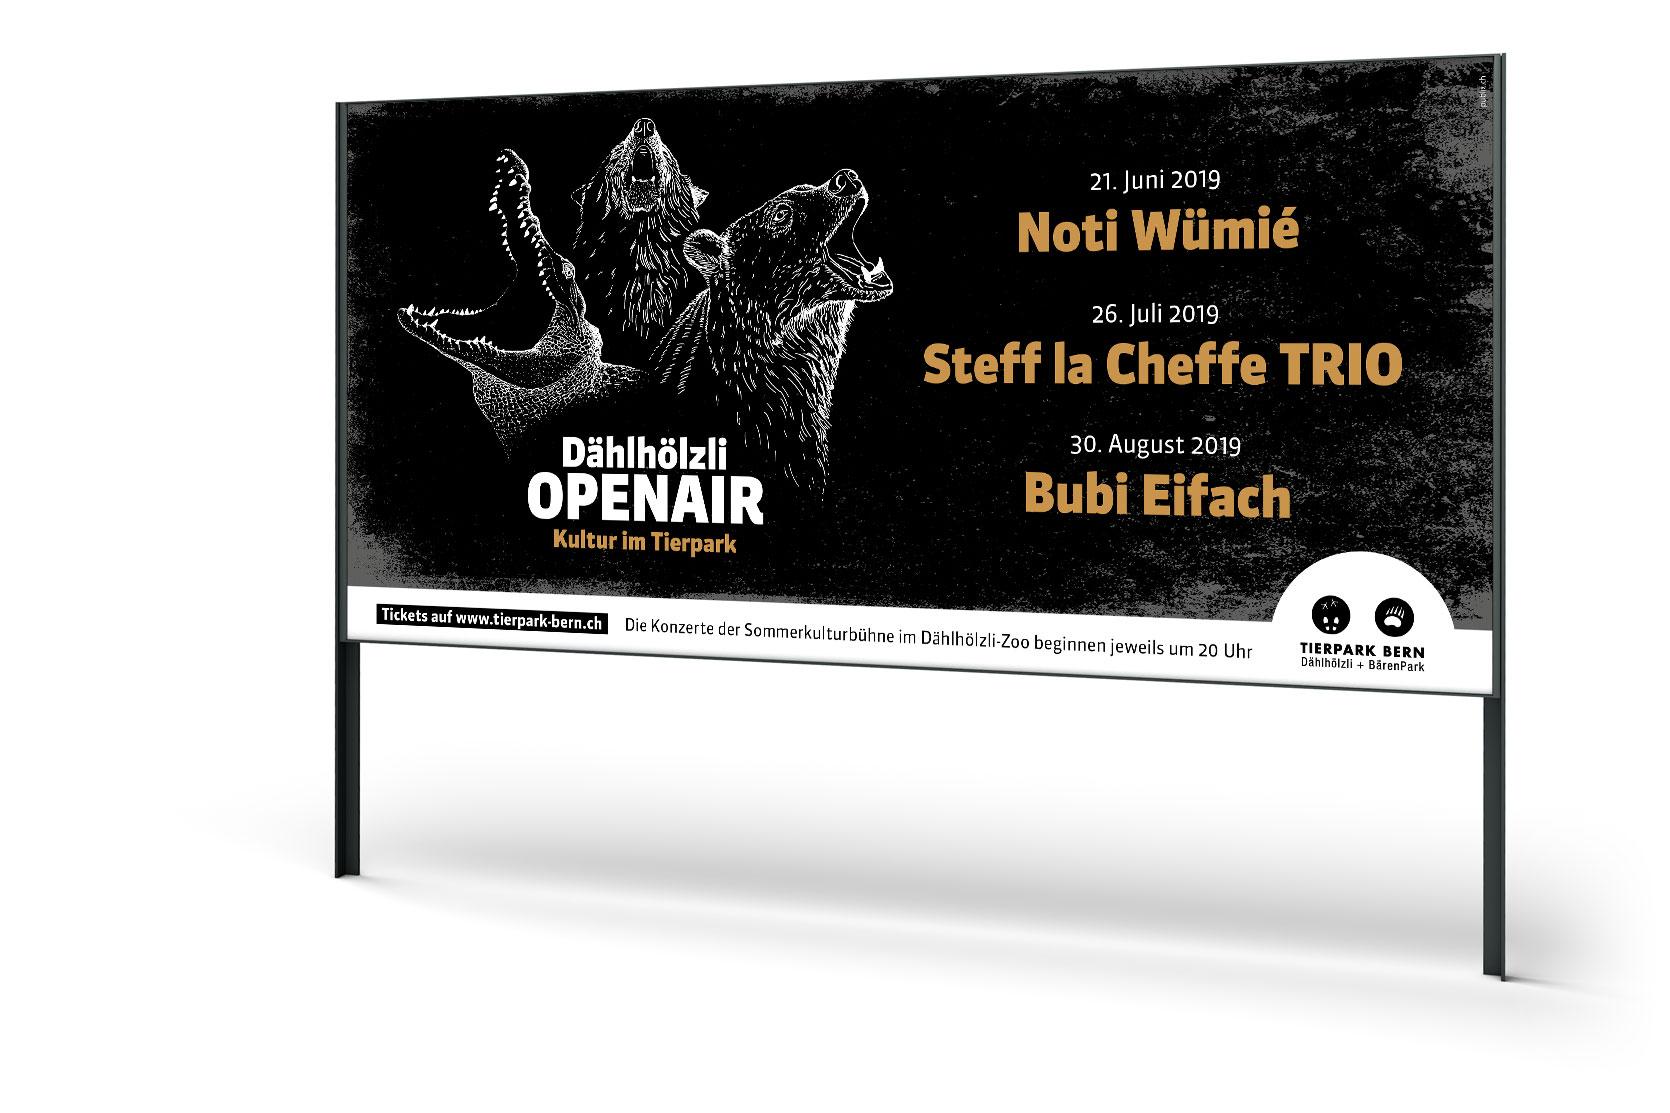 Dählhölzli Openair 2019 F12 | Kultur im Tierpark, Tierpark Bern